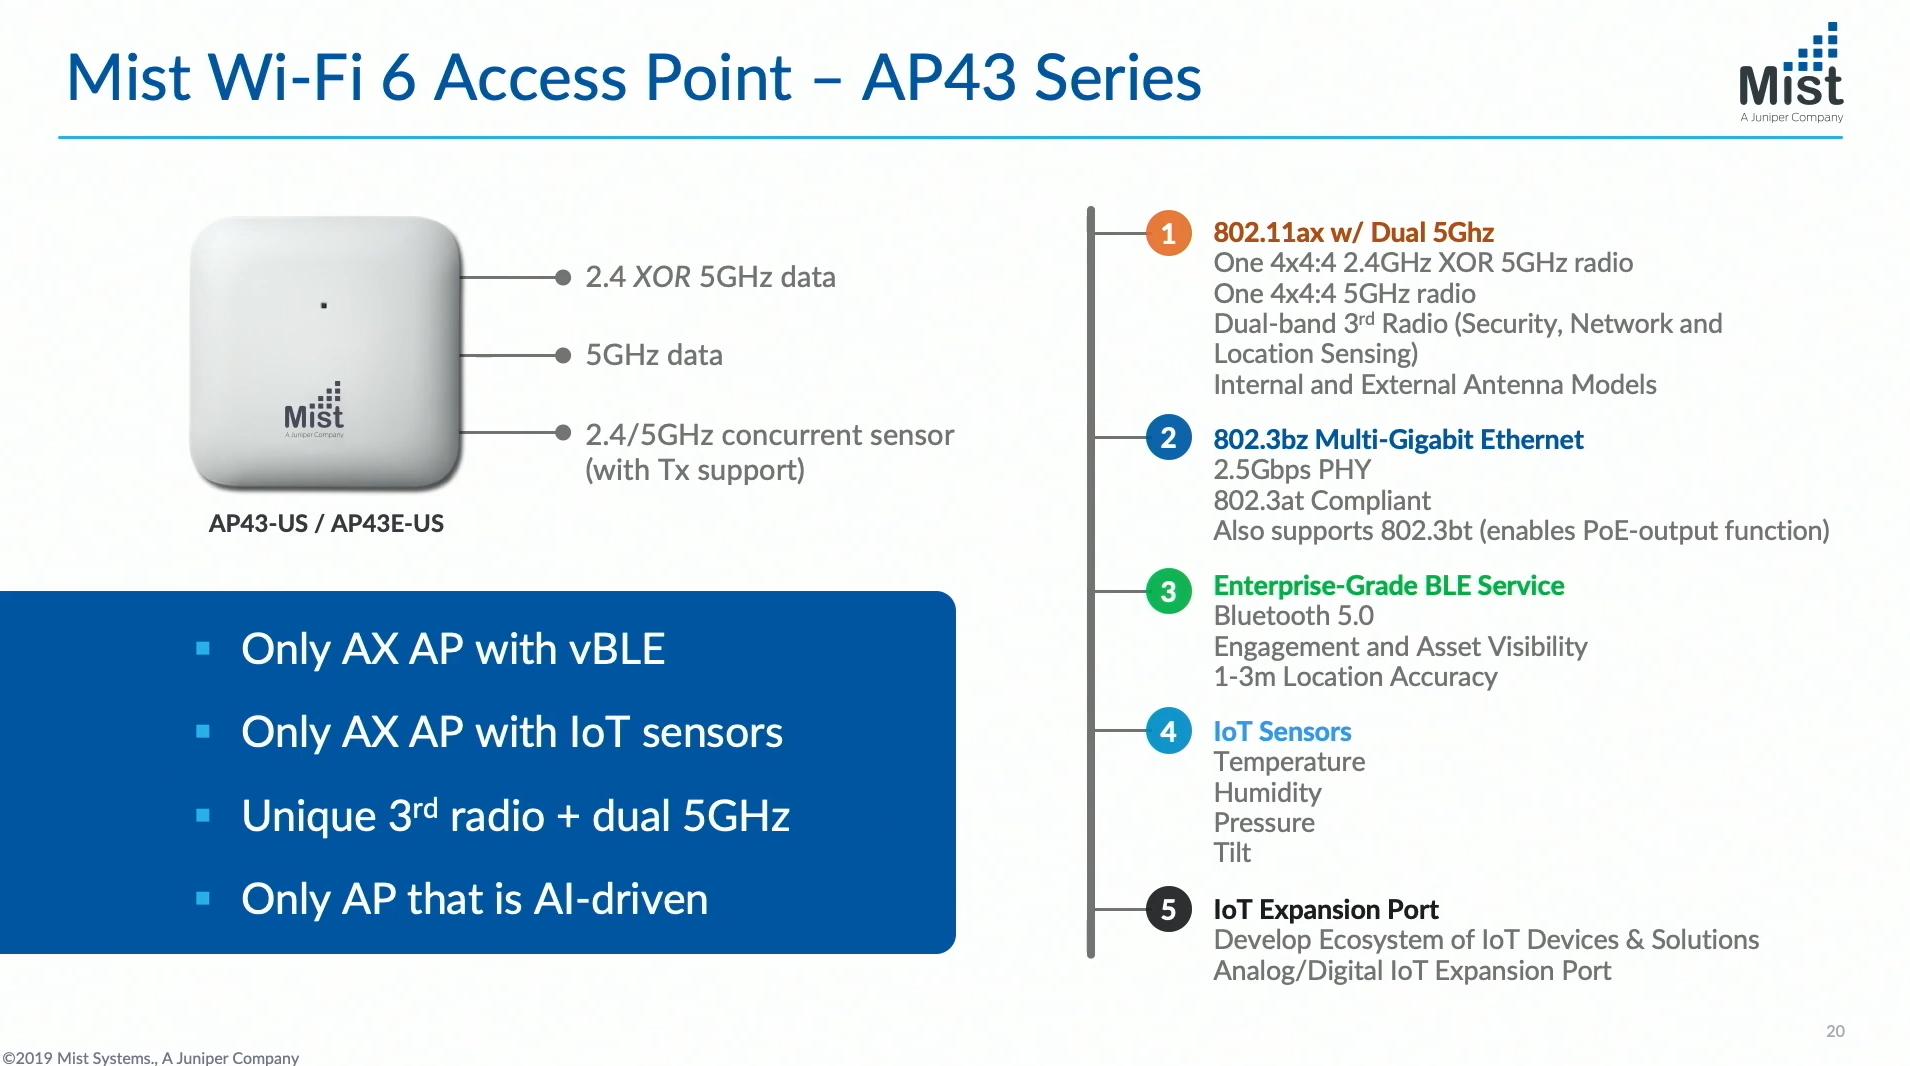 Mist Wi-Fi 6 AP Specs